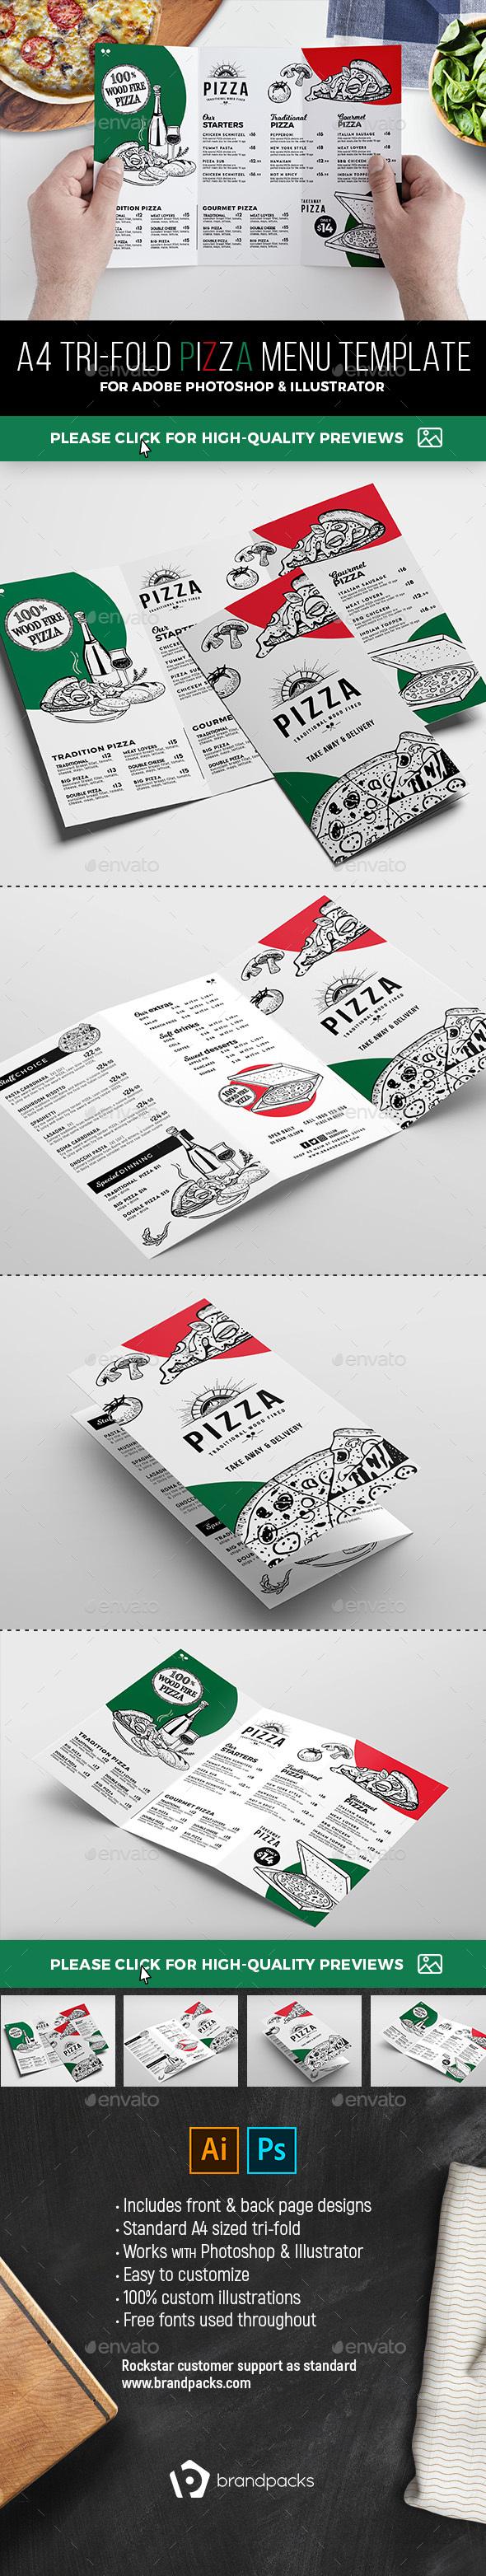 Tri-Fold Pizza Menu Template - Food Menus Print Templates